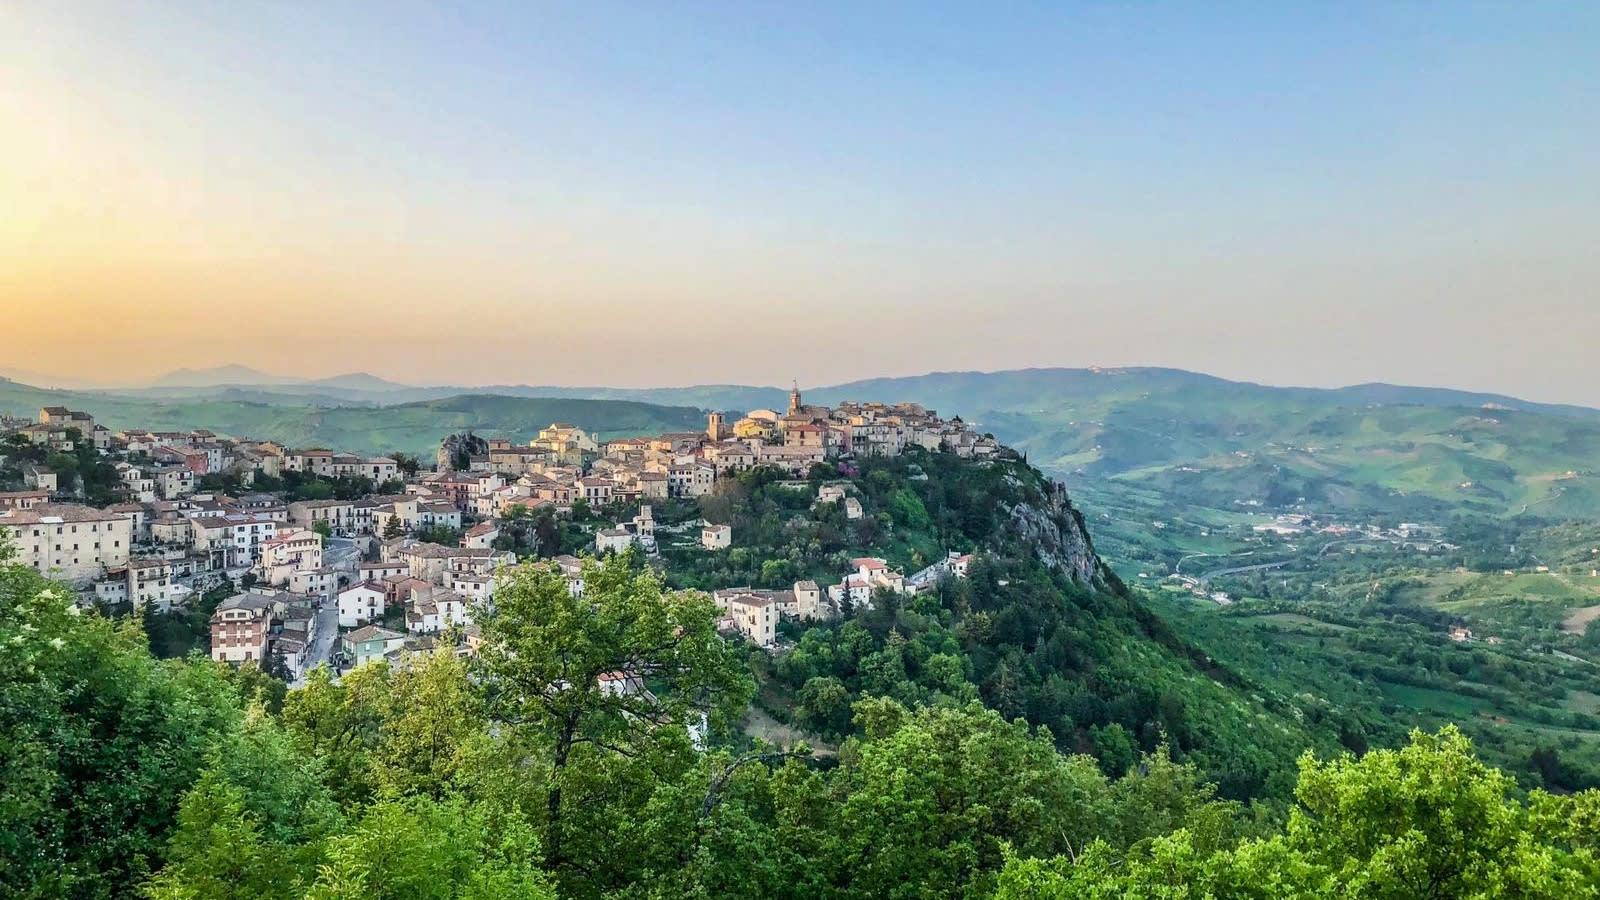 حاضنة لغابات مسحورة قصص الأشباح.. إلىك أحدث قرية إيطالية تعرض منازلها للبيع مقابل دولار فقط